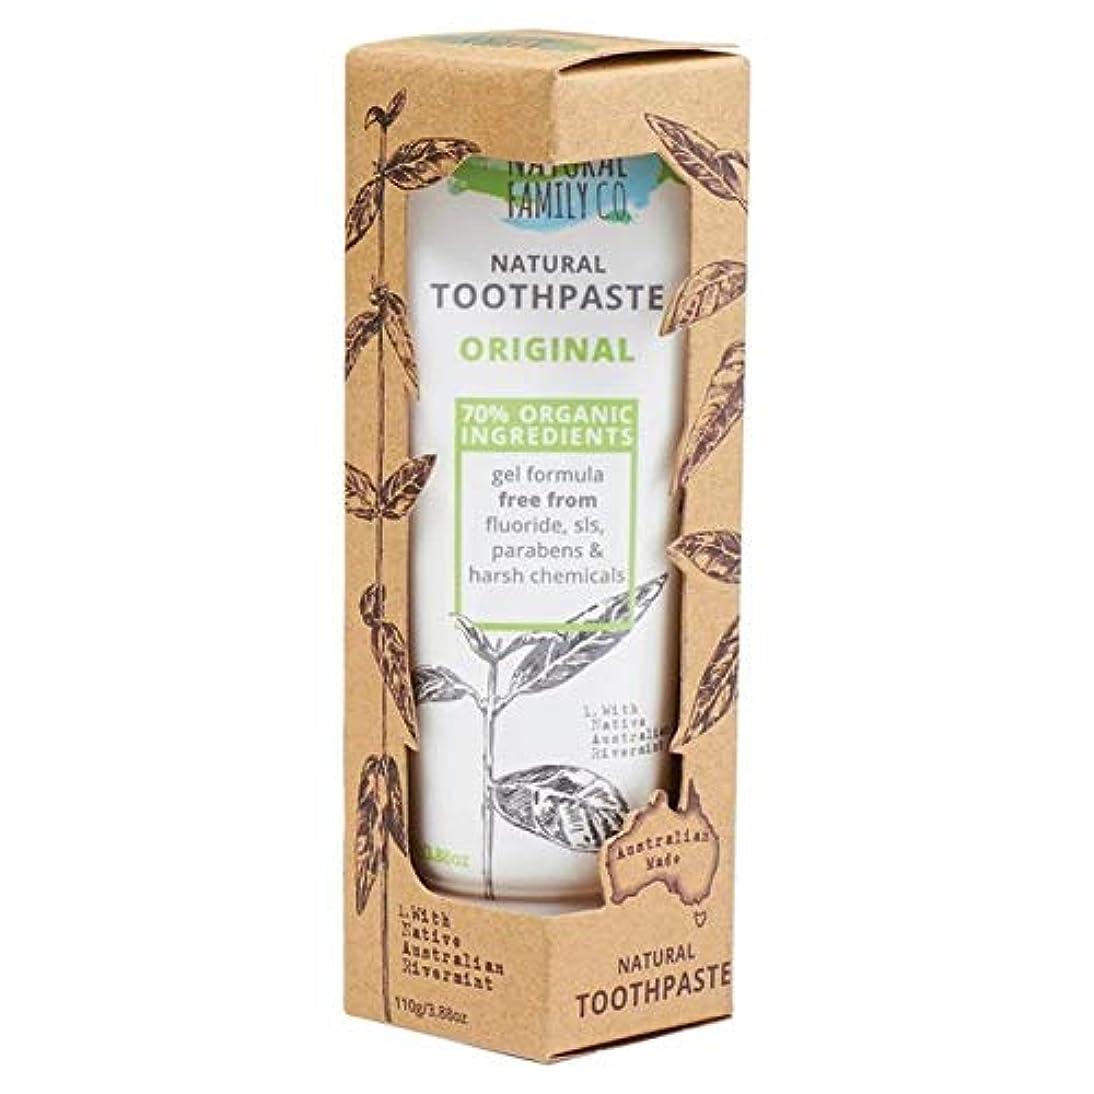 カウントアップファイルランク[Natural Family ] 自然な家族の元歯磨き粉の110グラム - Natural Family Original Toothpaste 110g [並行輸入品]